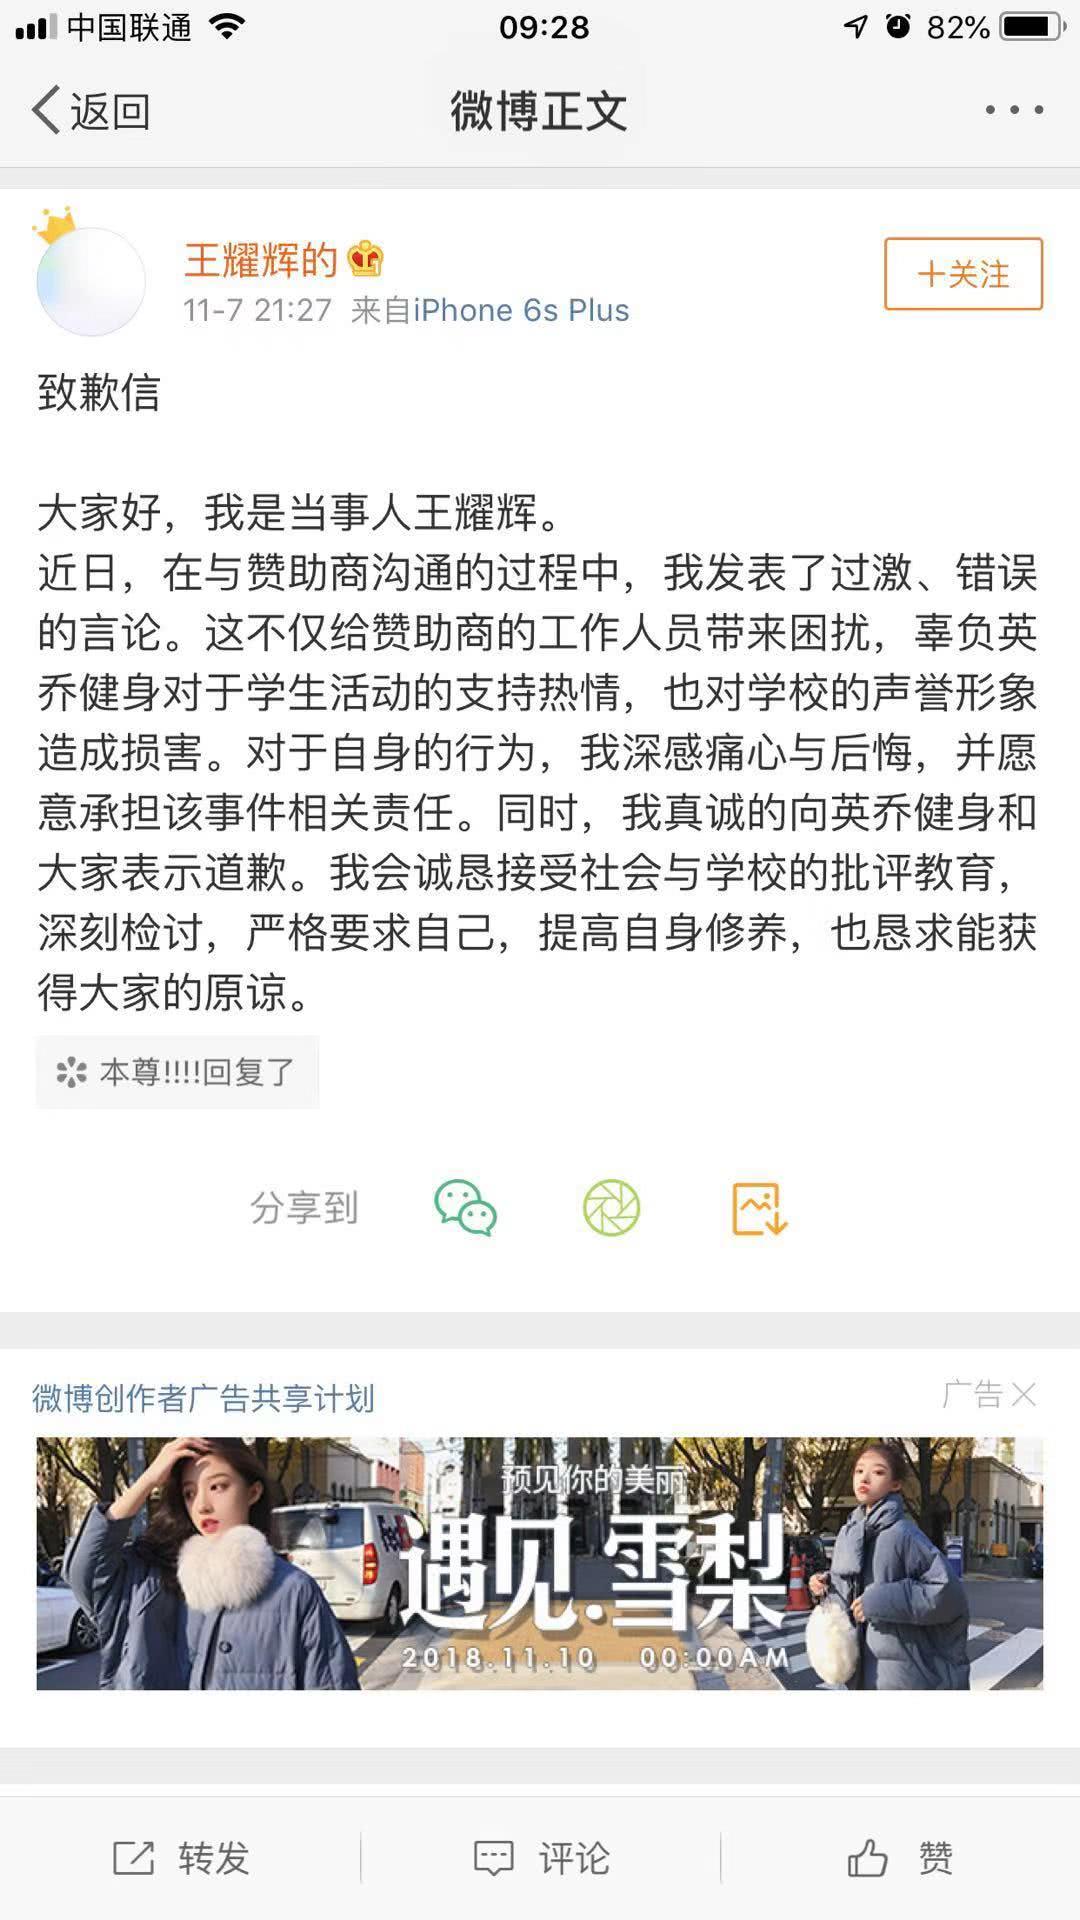 浙大学生干部与赞助商对话耍官威 涉事学生发致歉信